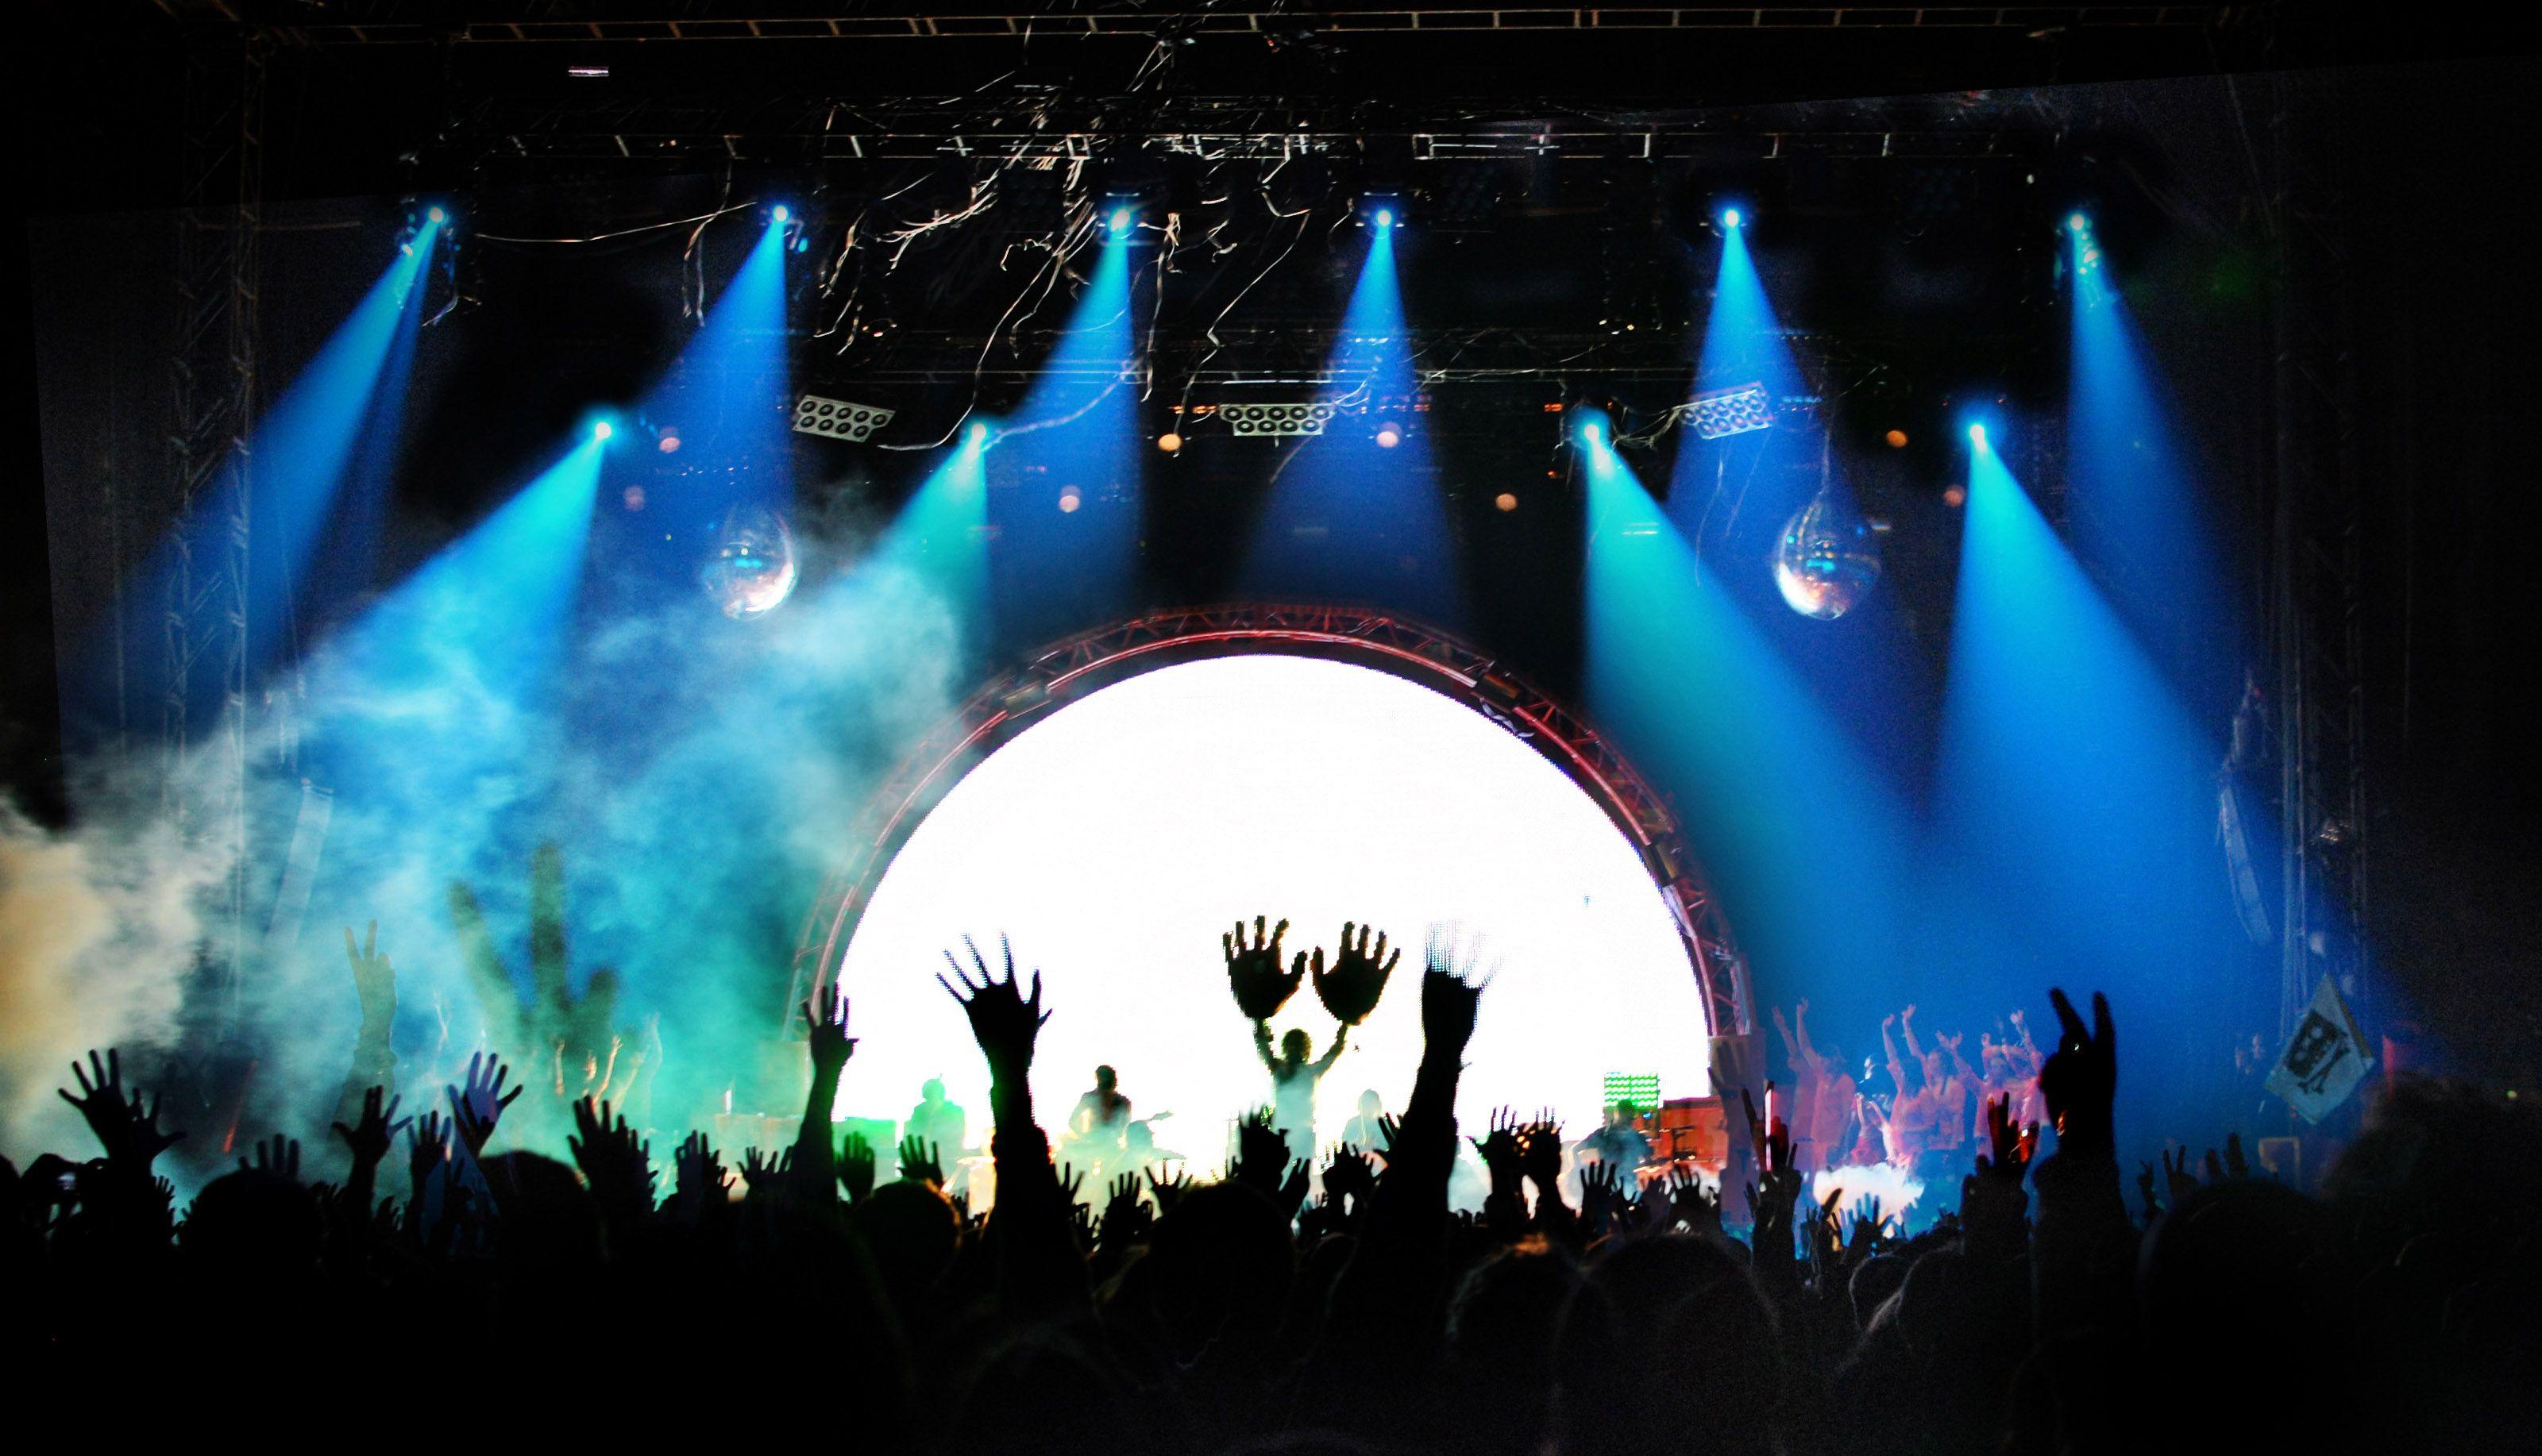 Cet été la France vibre au rythme des festivals musicaux !  #FranceFR #Rendezvousenfrance #Festivals #Musique #Music #Musica #Musik